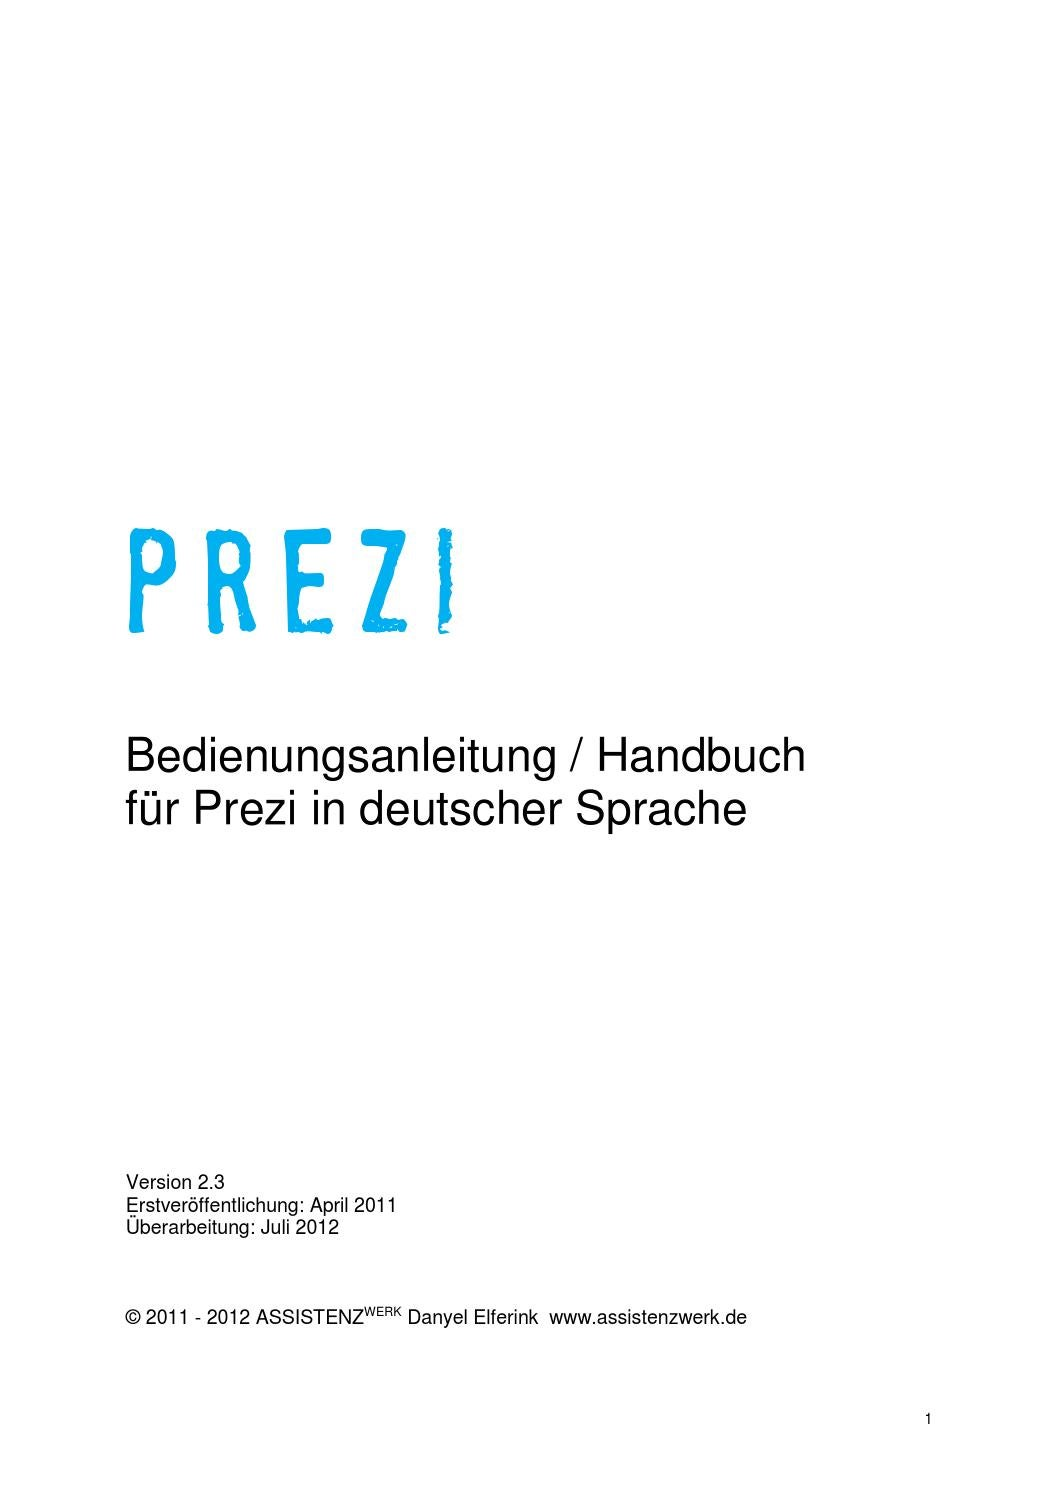 Prezi handbuch deutsch 2 3 by Roman Portmann - issuu